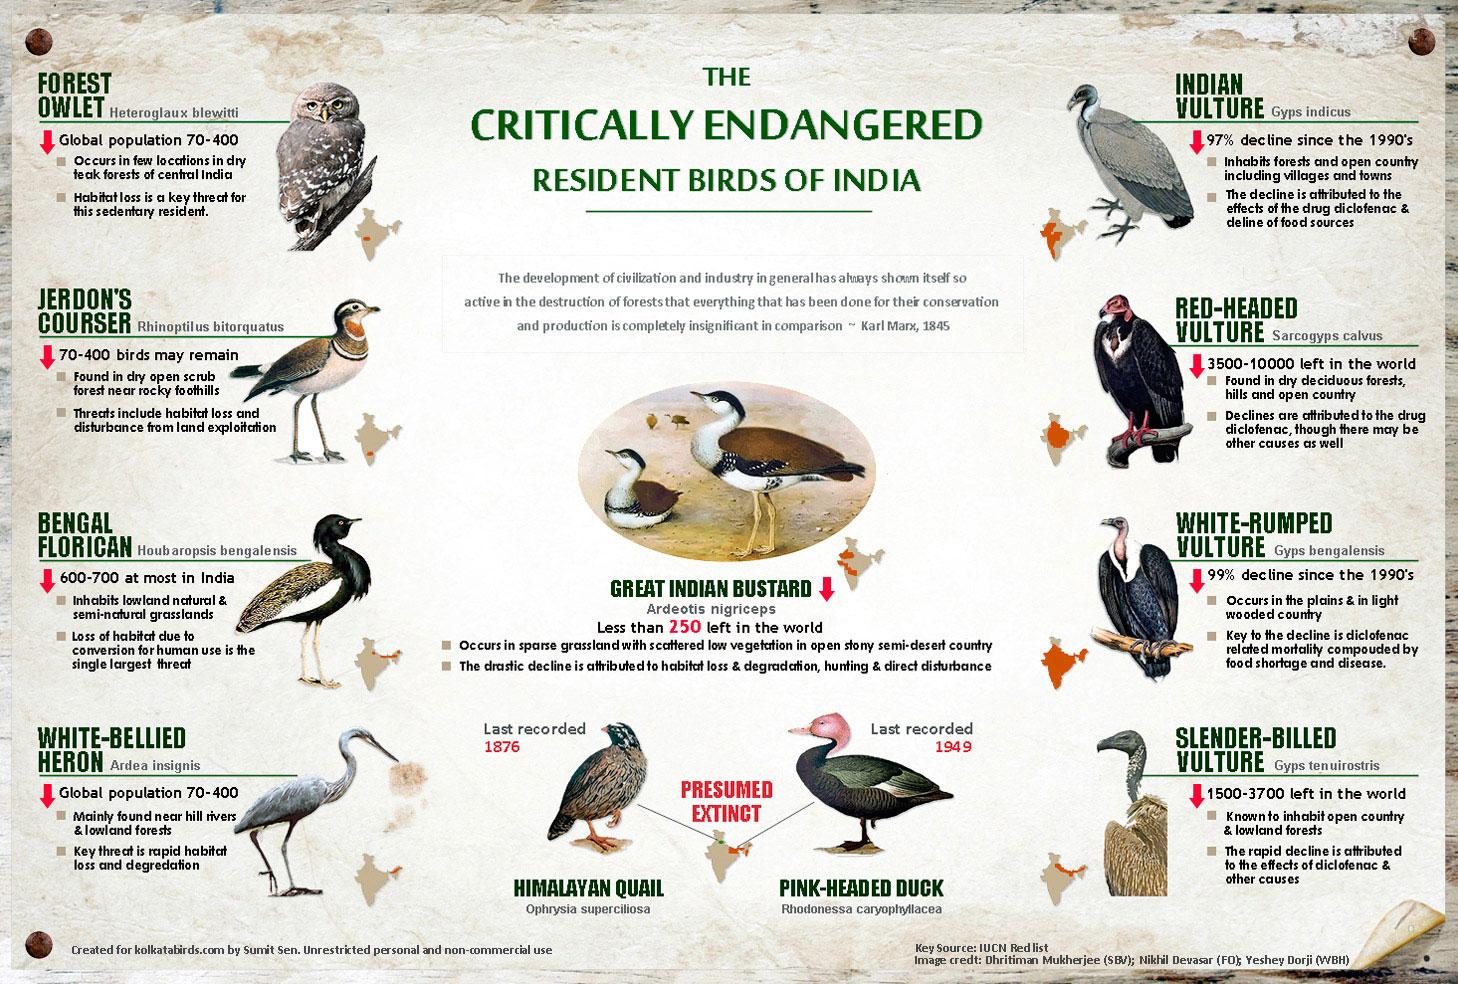 Birds-Kolkatabirds-com